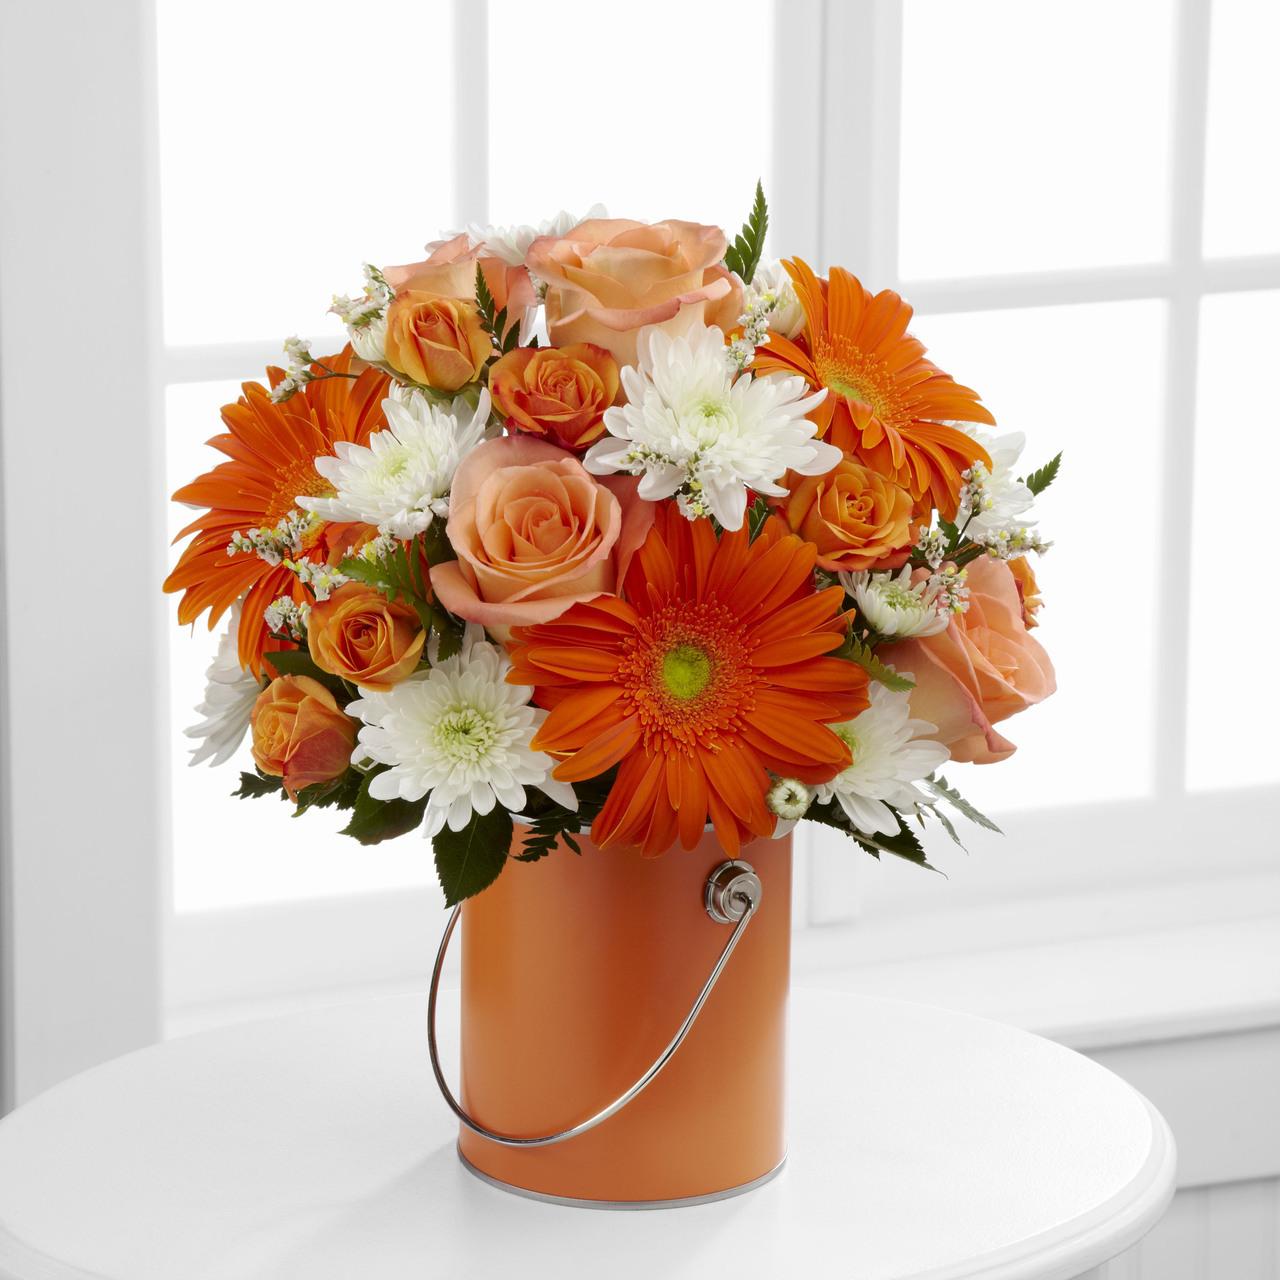 Creating Your Own Unique Floral Arrangements - Albuquerque ...